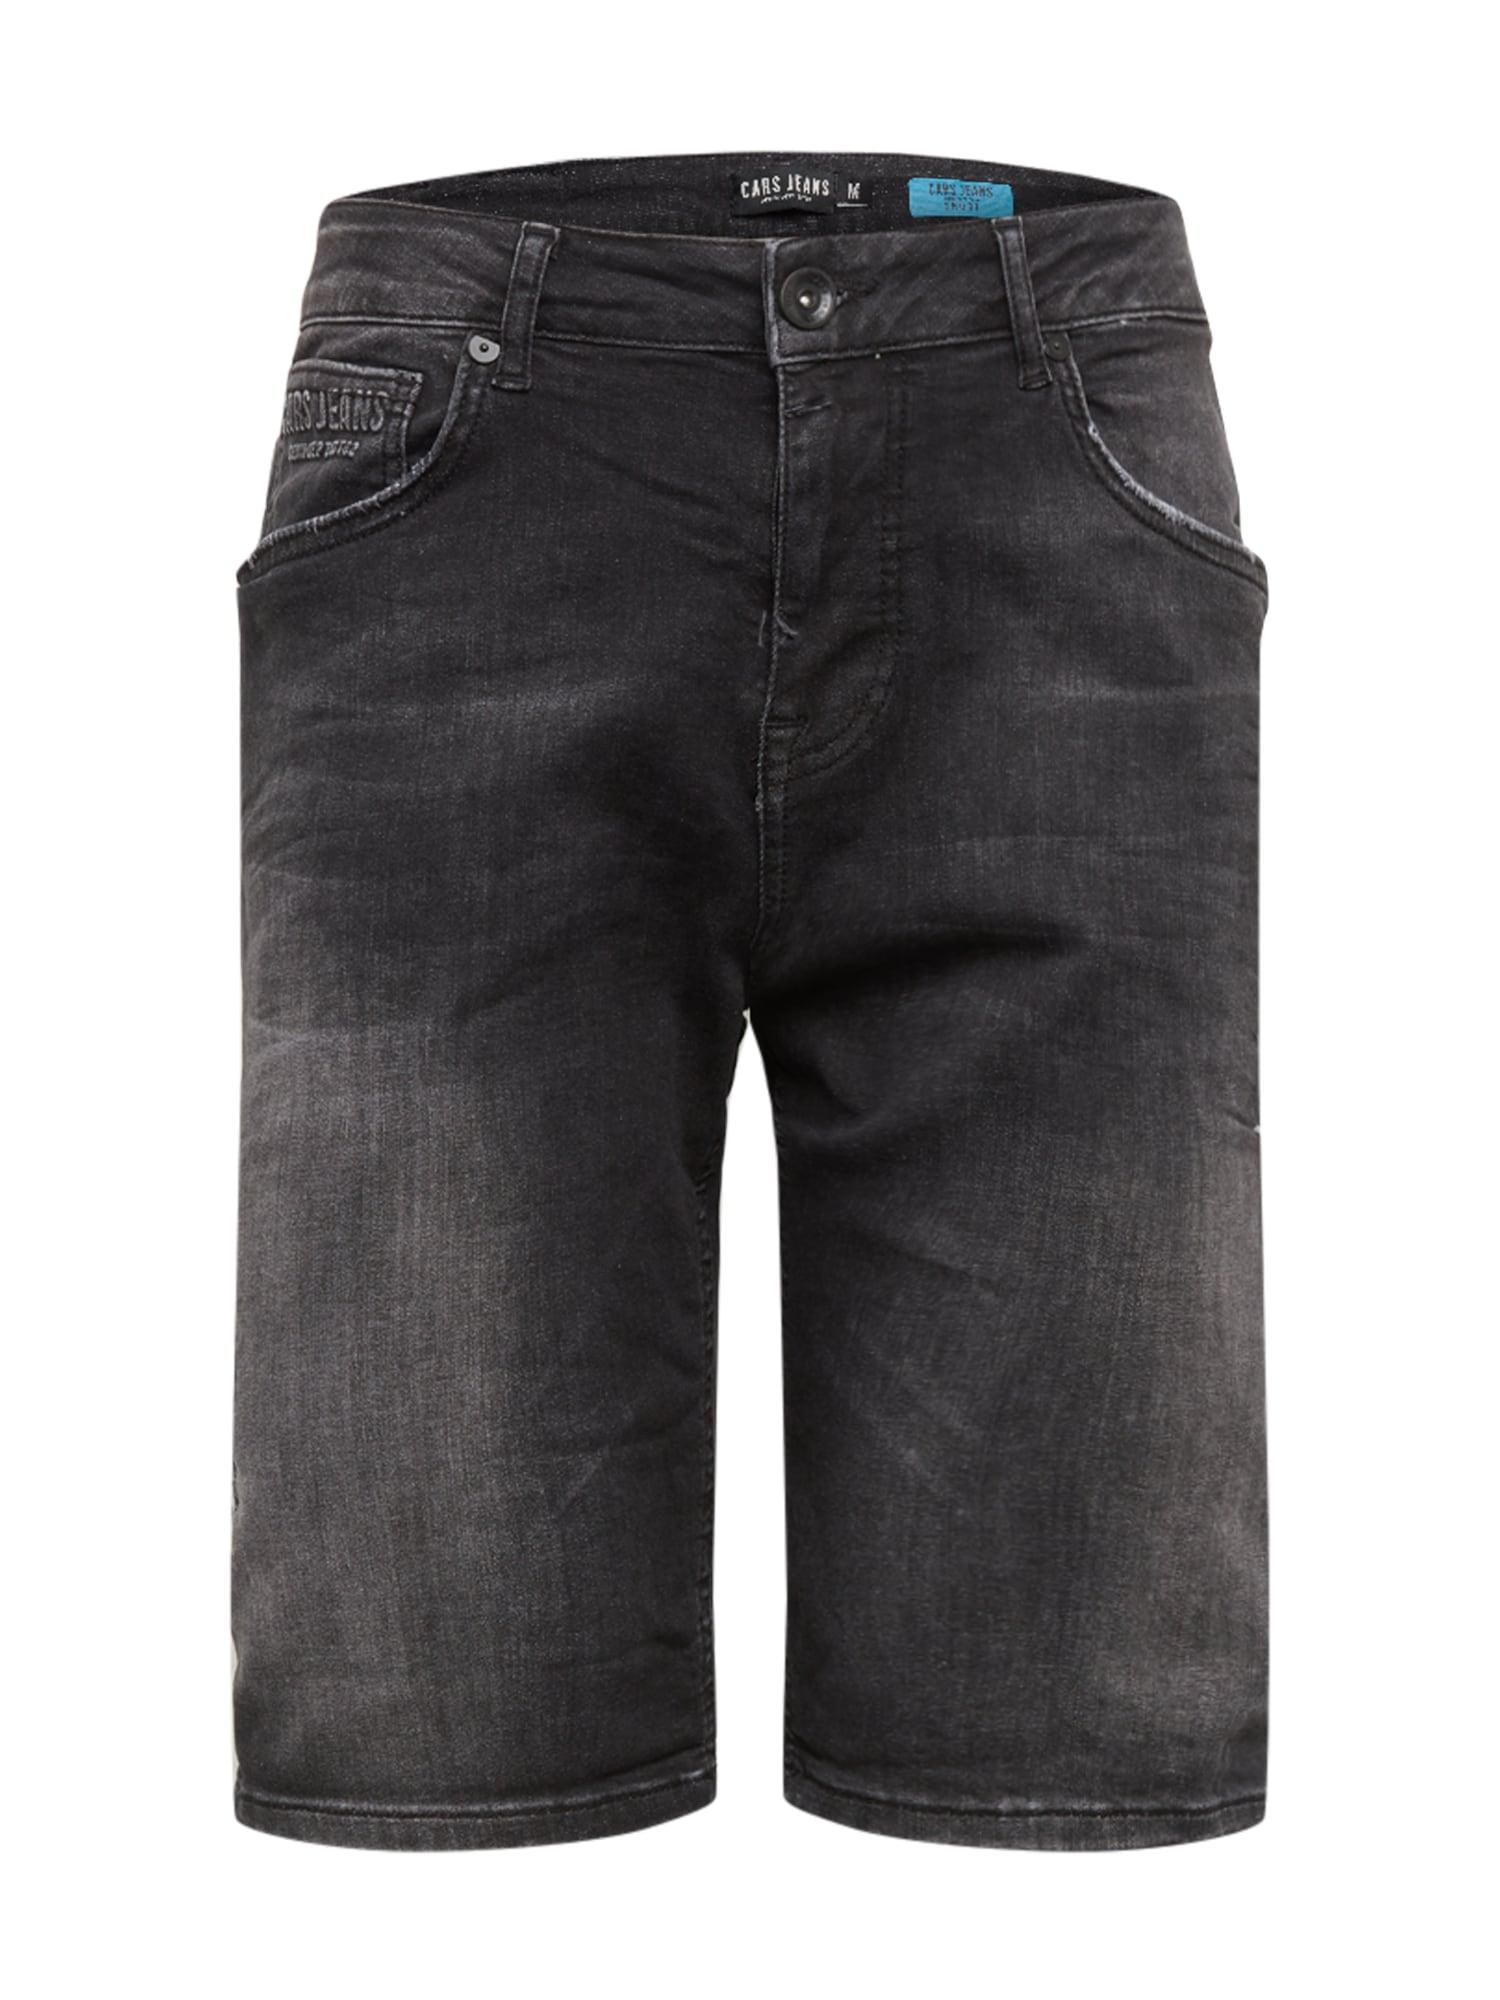 Cars Jeans Džíny 'Trevor'  černá džínovina